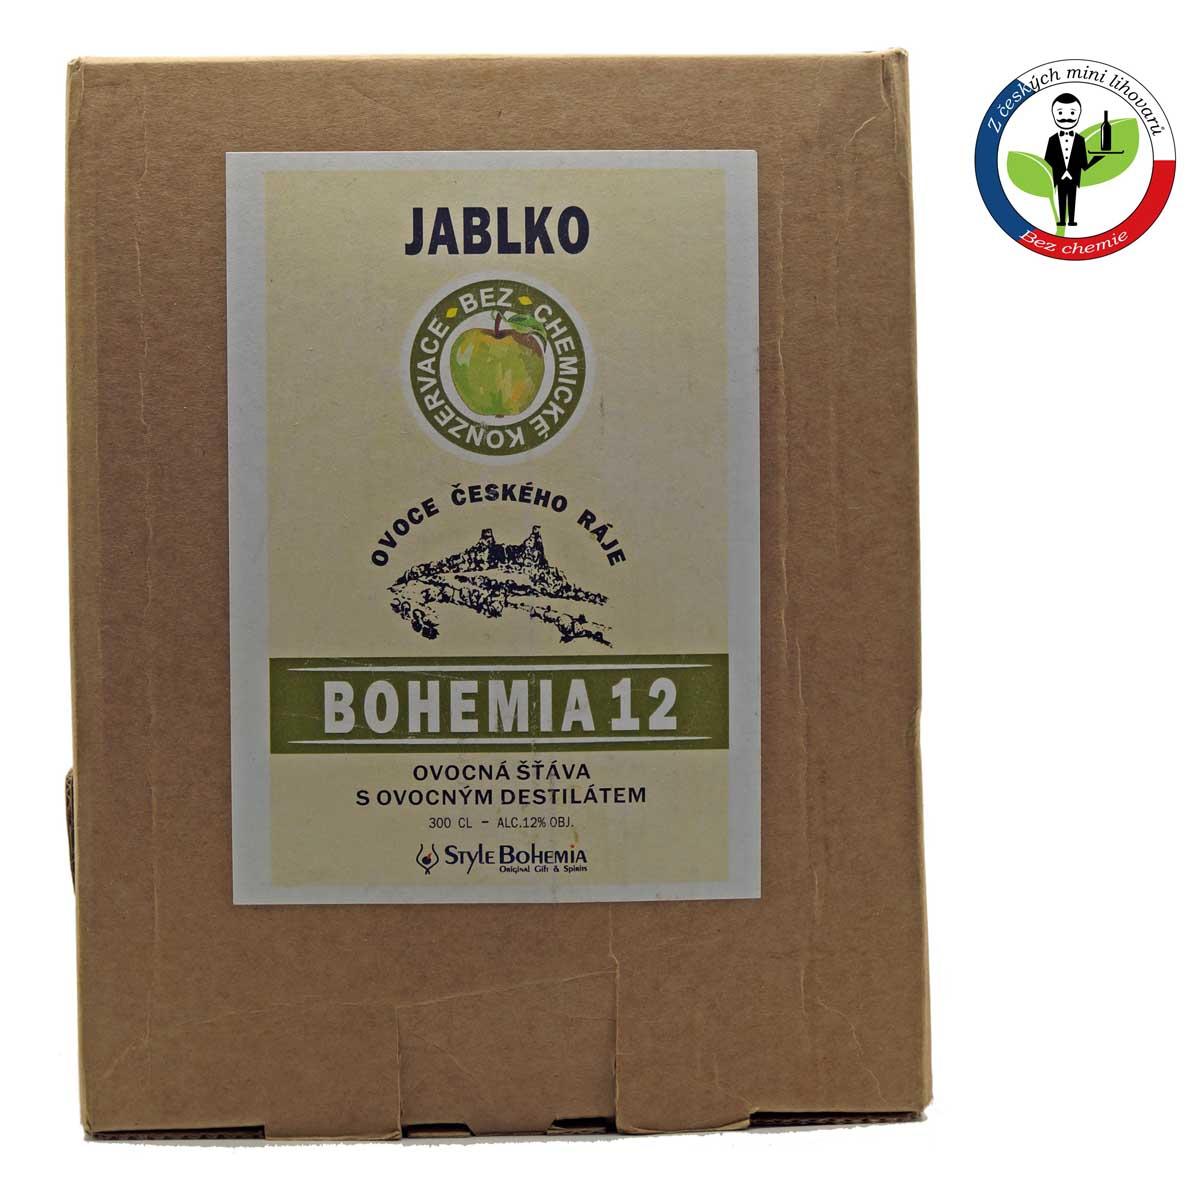 Bohemia 12 Jablko BOX 3l - alkoholizovaný mošt + ROZVOZ PRAHA ZDARMA